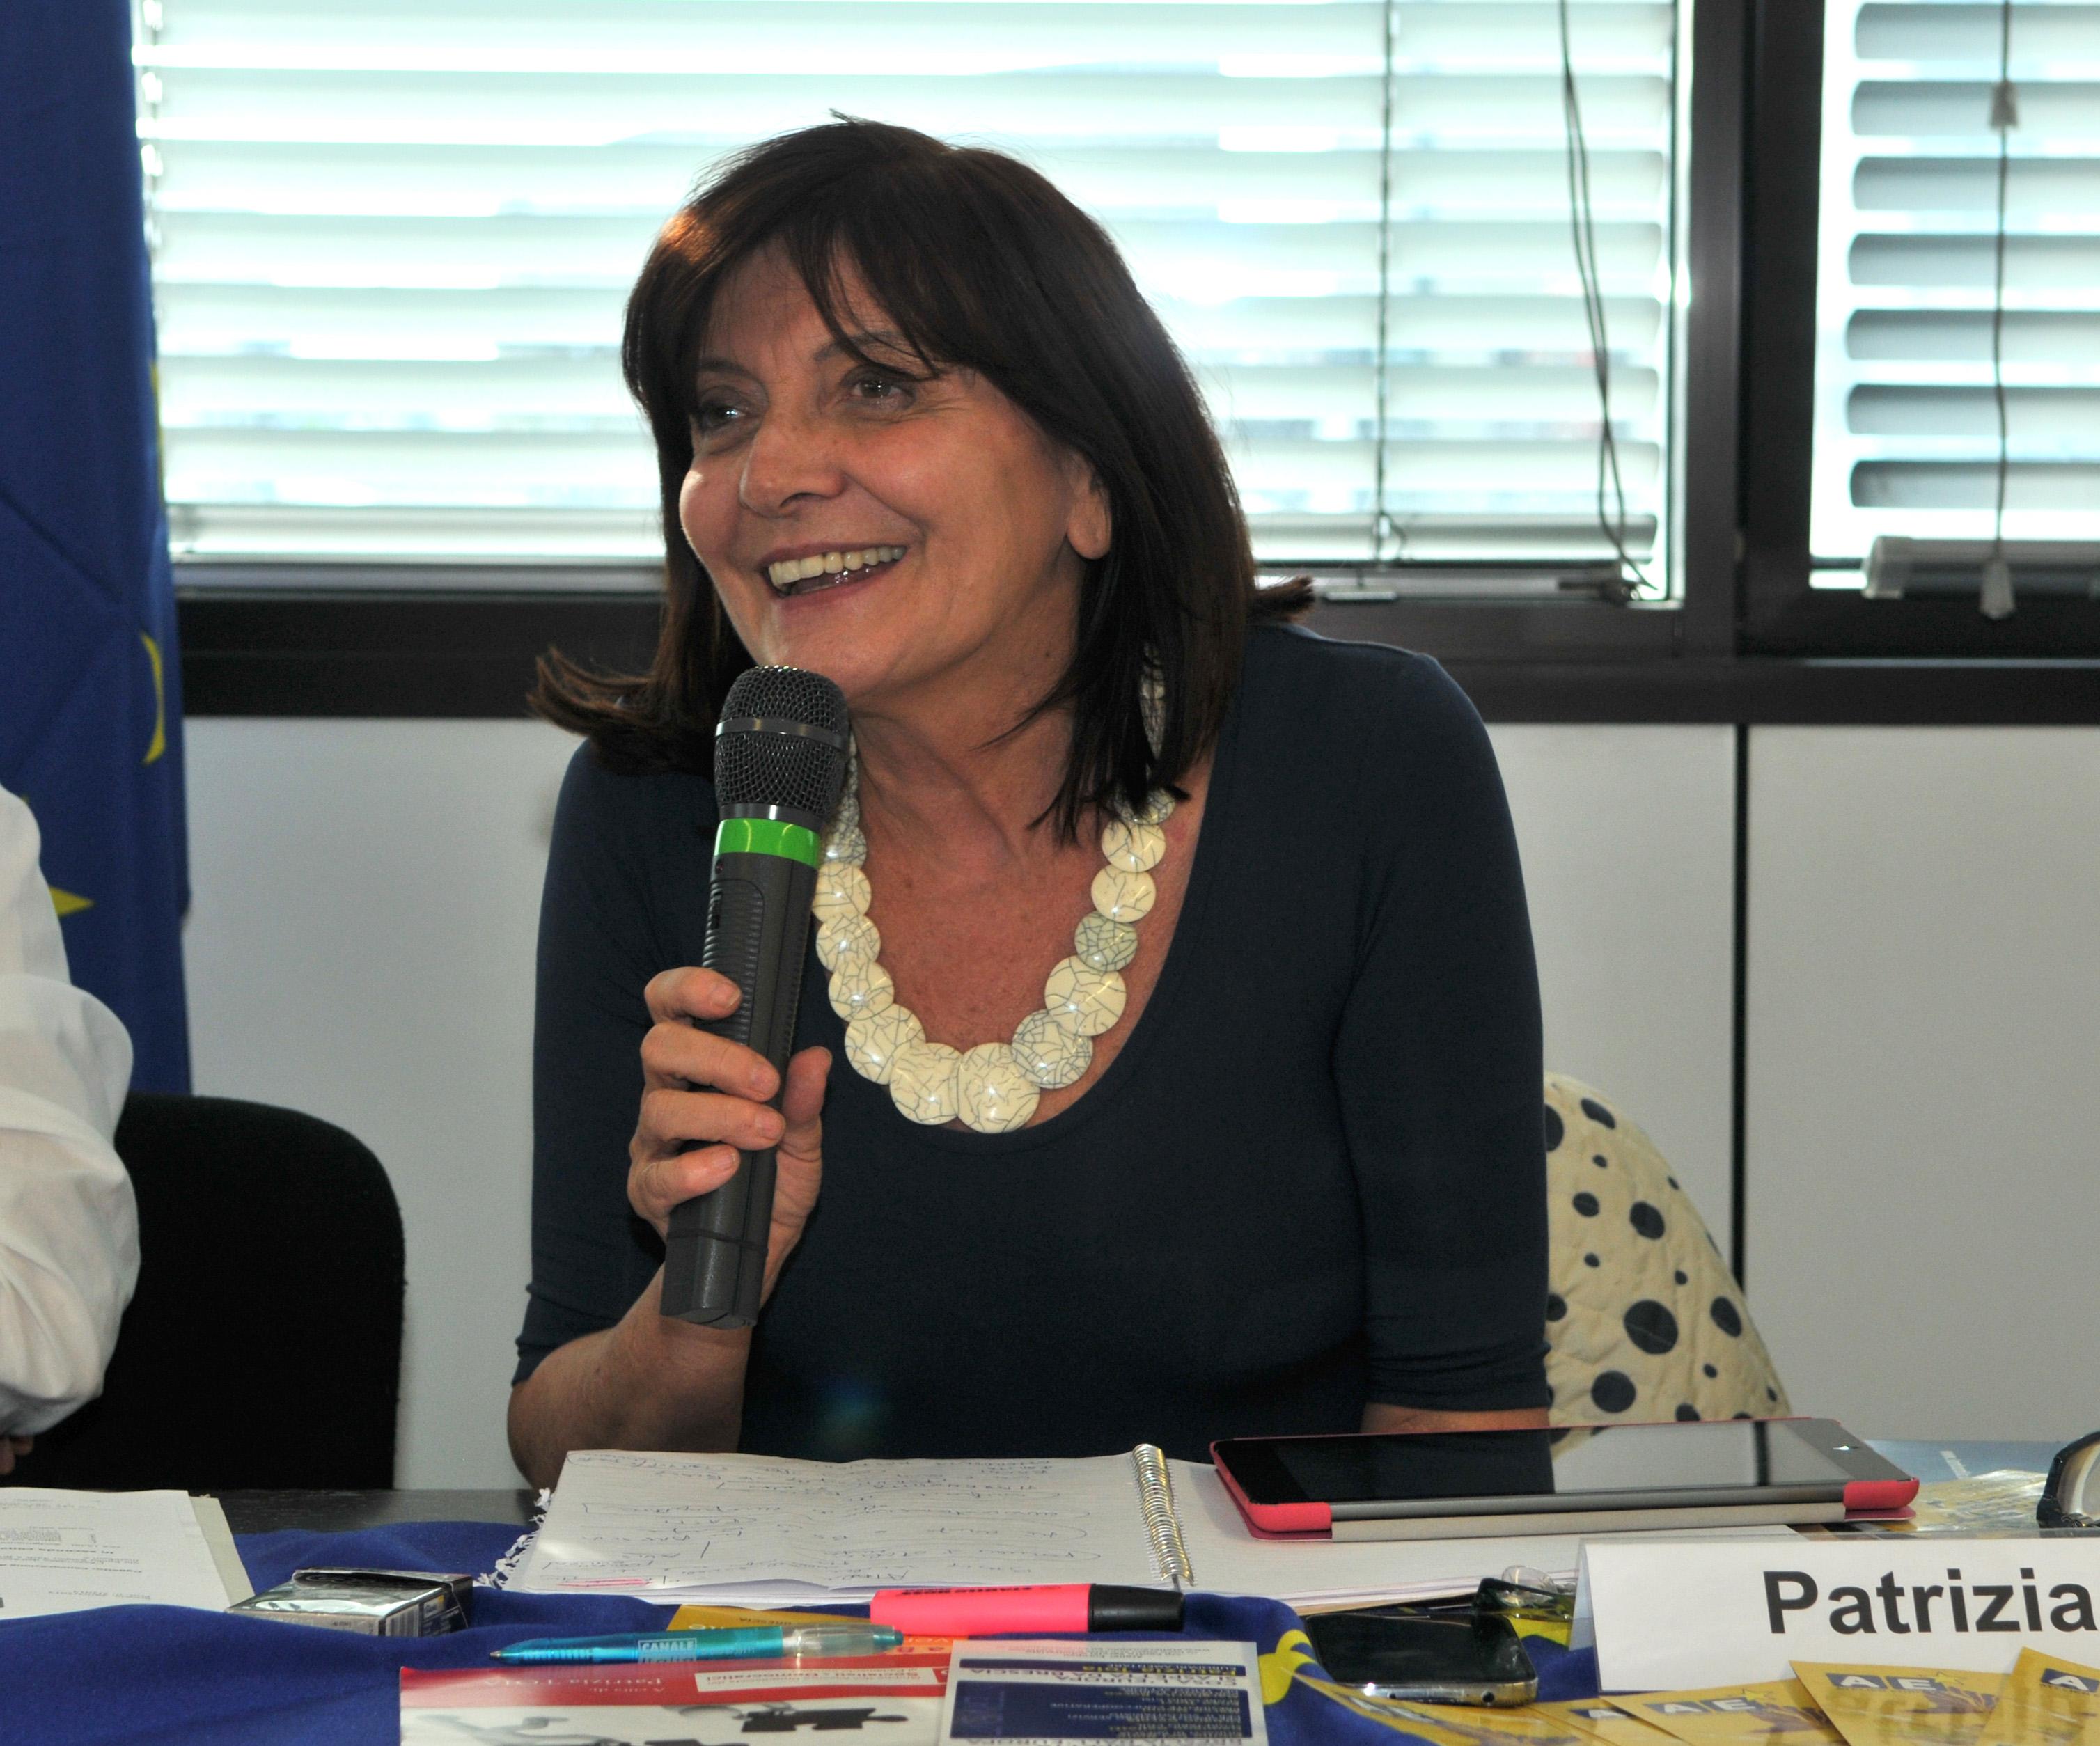 Incontro con Patrizia Toia